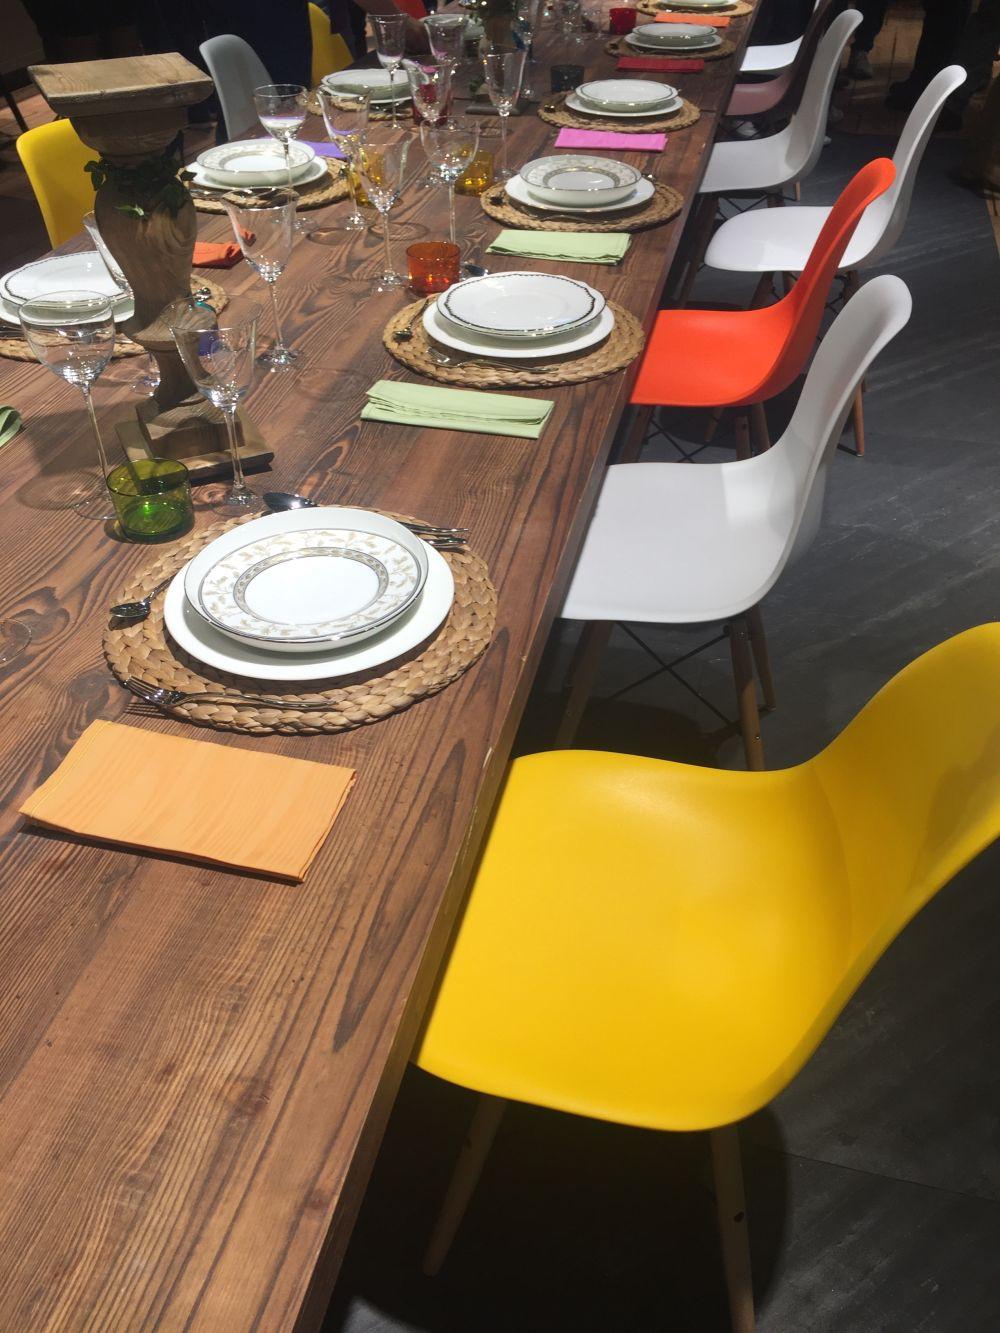 Gợi ý chọn màu hợp phong thủy cho phòng ăn